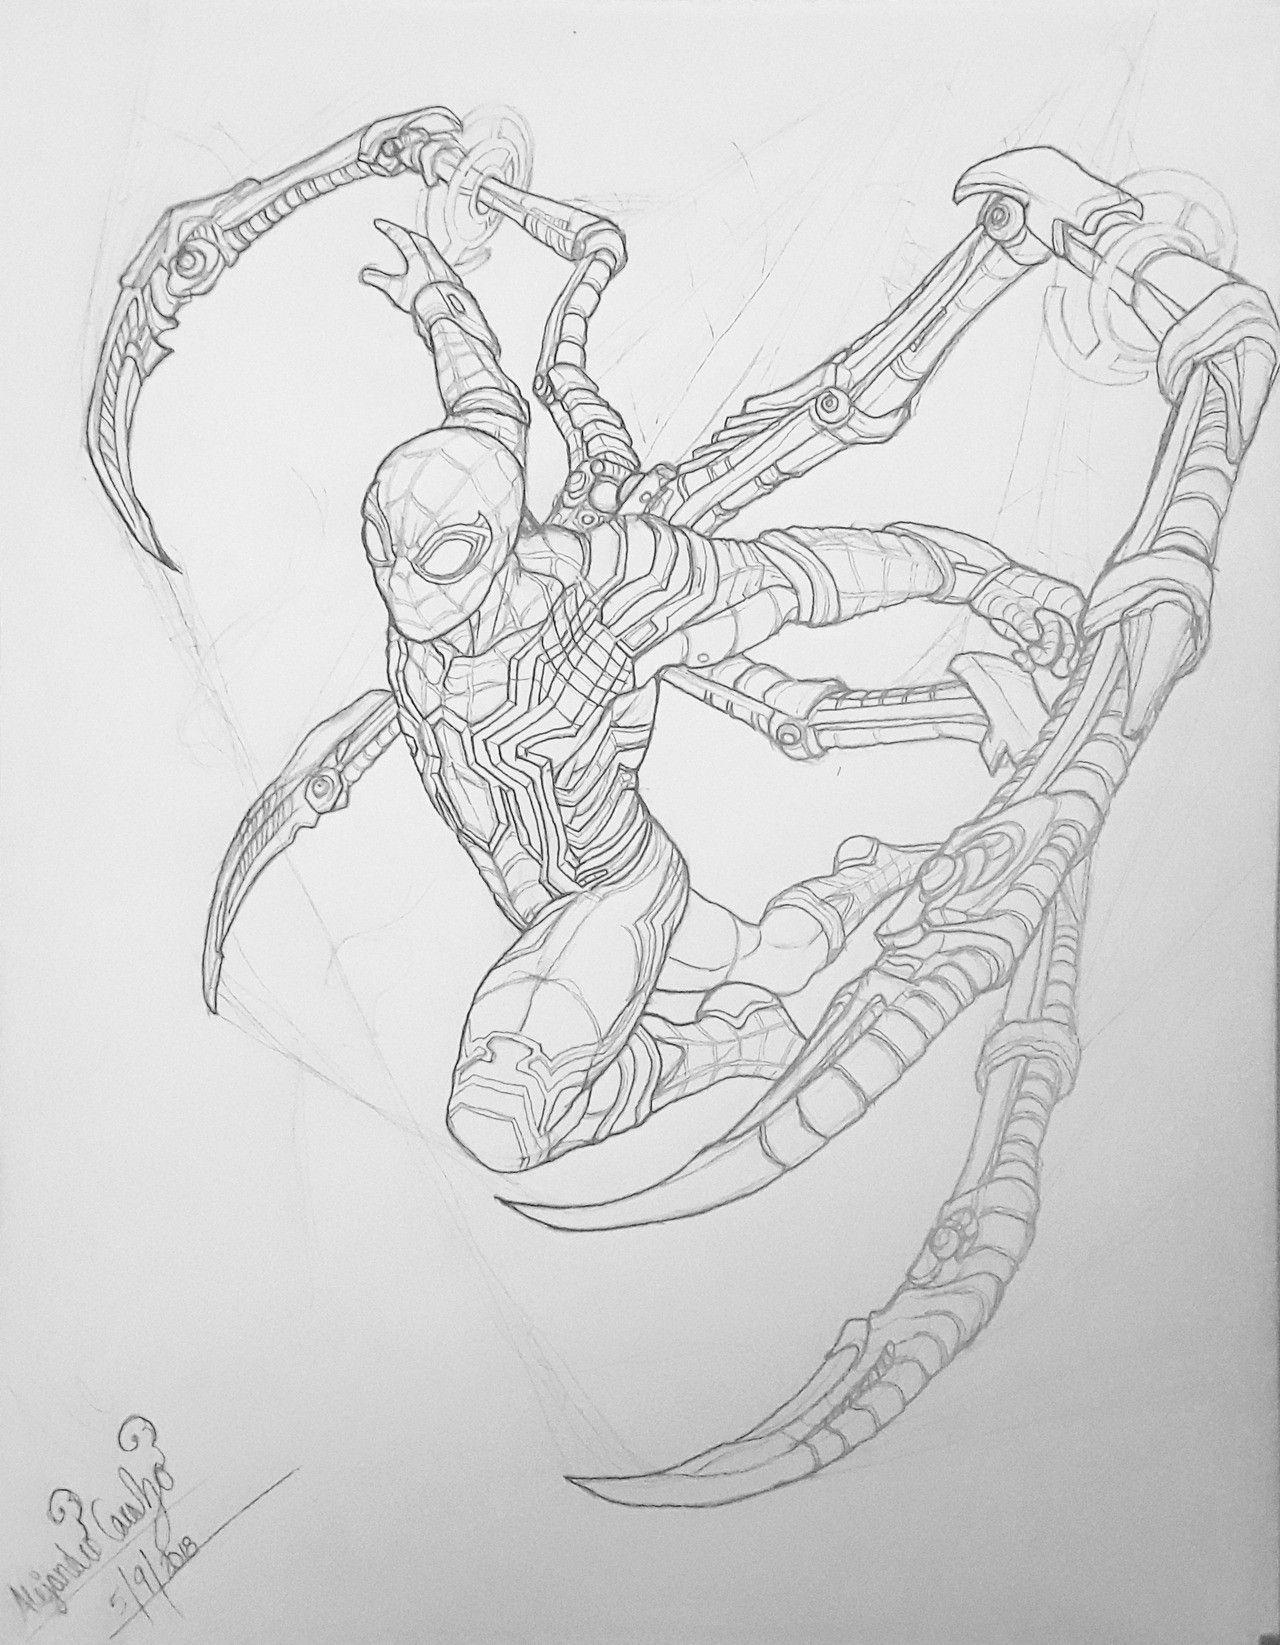 Infinity War Iron Spider By Alejandro Carazo Spider Drawing Avengers Drawings Spiderman Drawing